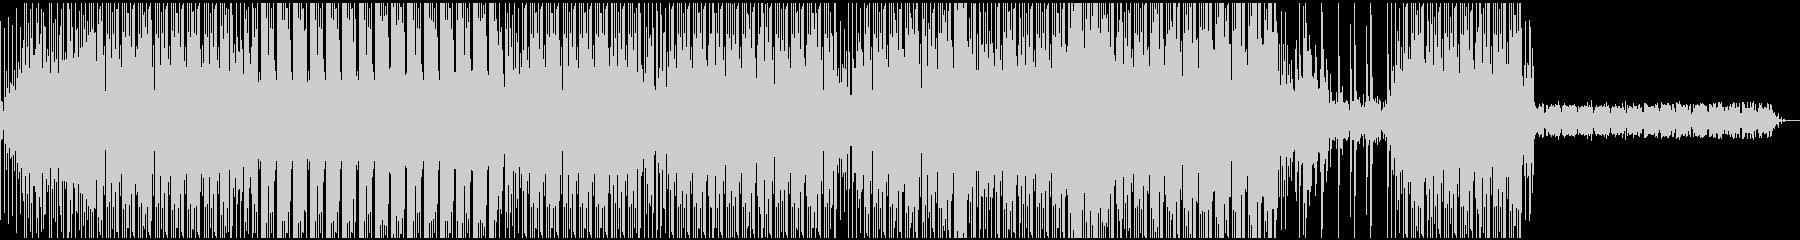 鈍く重たい感じのテクノサウンドEDMの未再生の波形